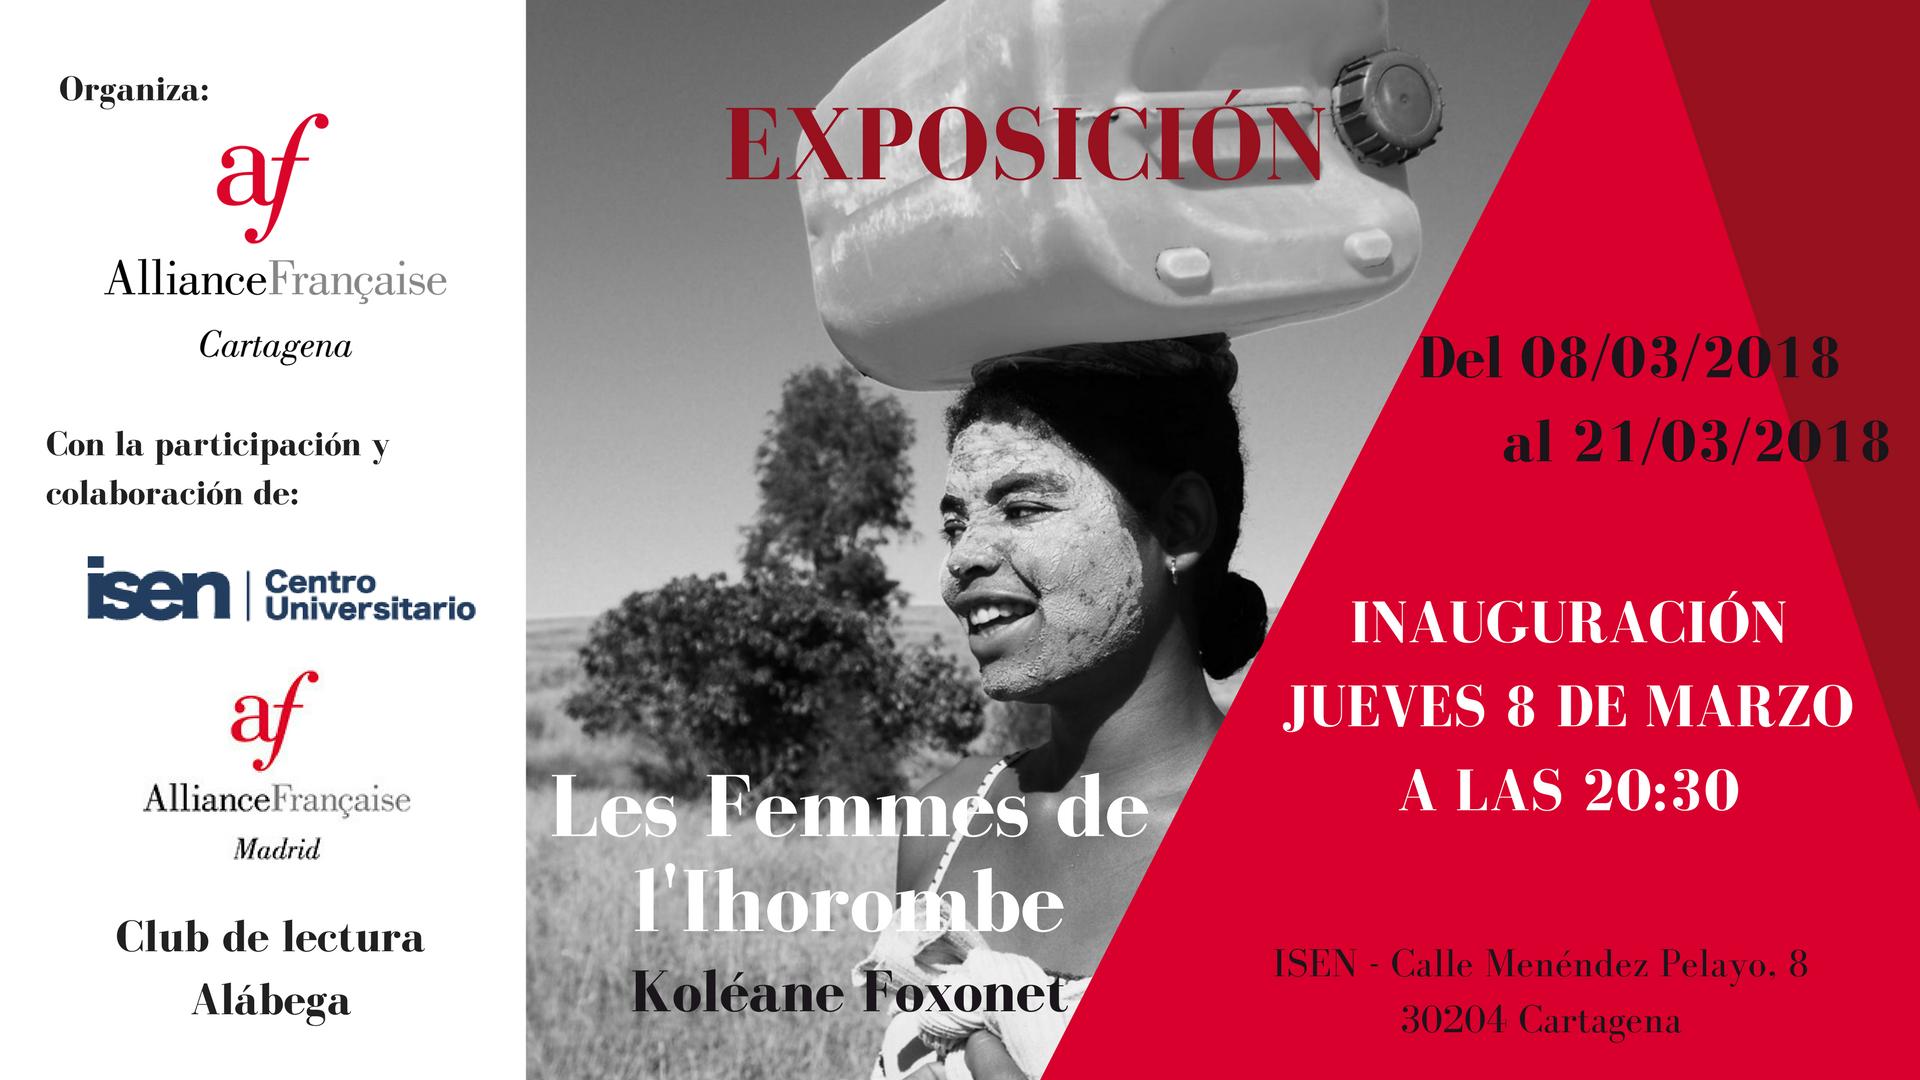 Exposition Les Femmes de l'Ihorombe 6